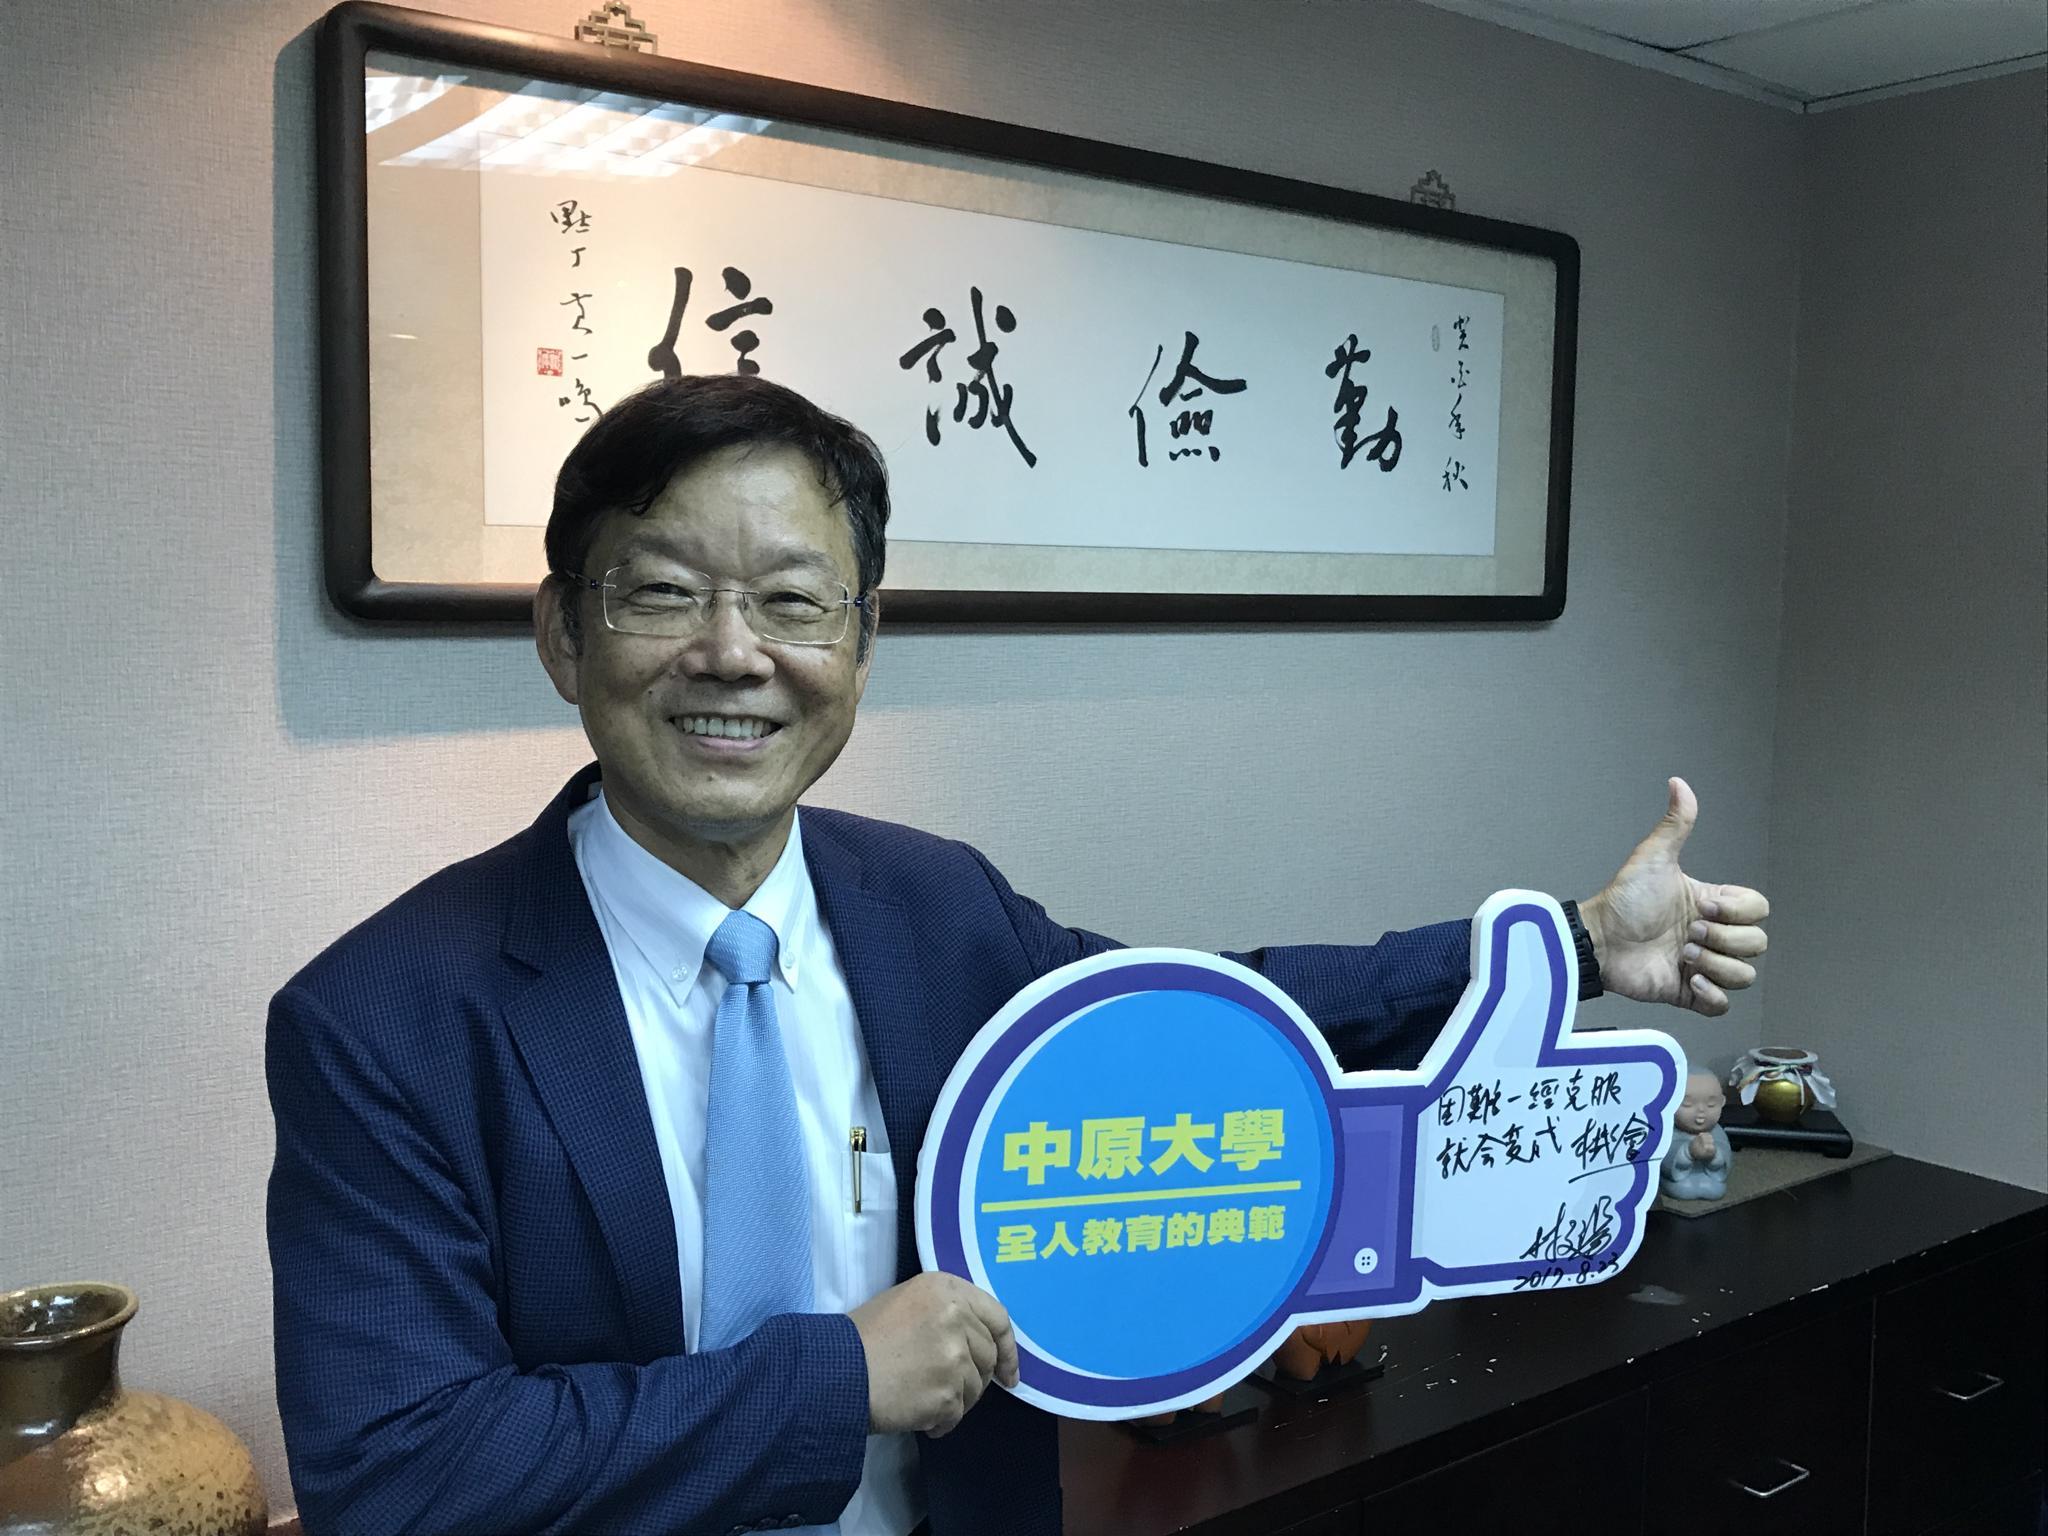 登山社校友林廷芳  用「運動」經營企業  「克服困難   轉化機會」 創造人生新契機